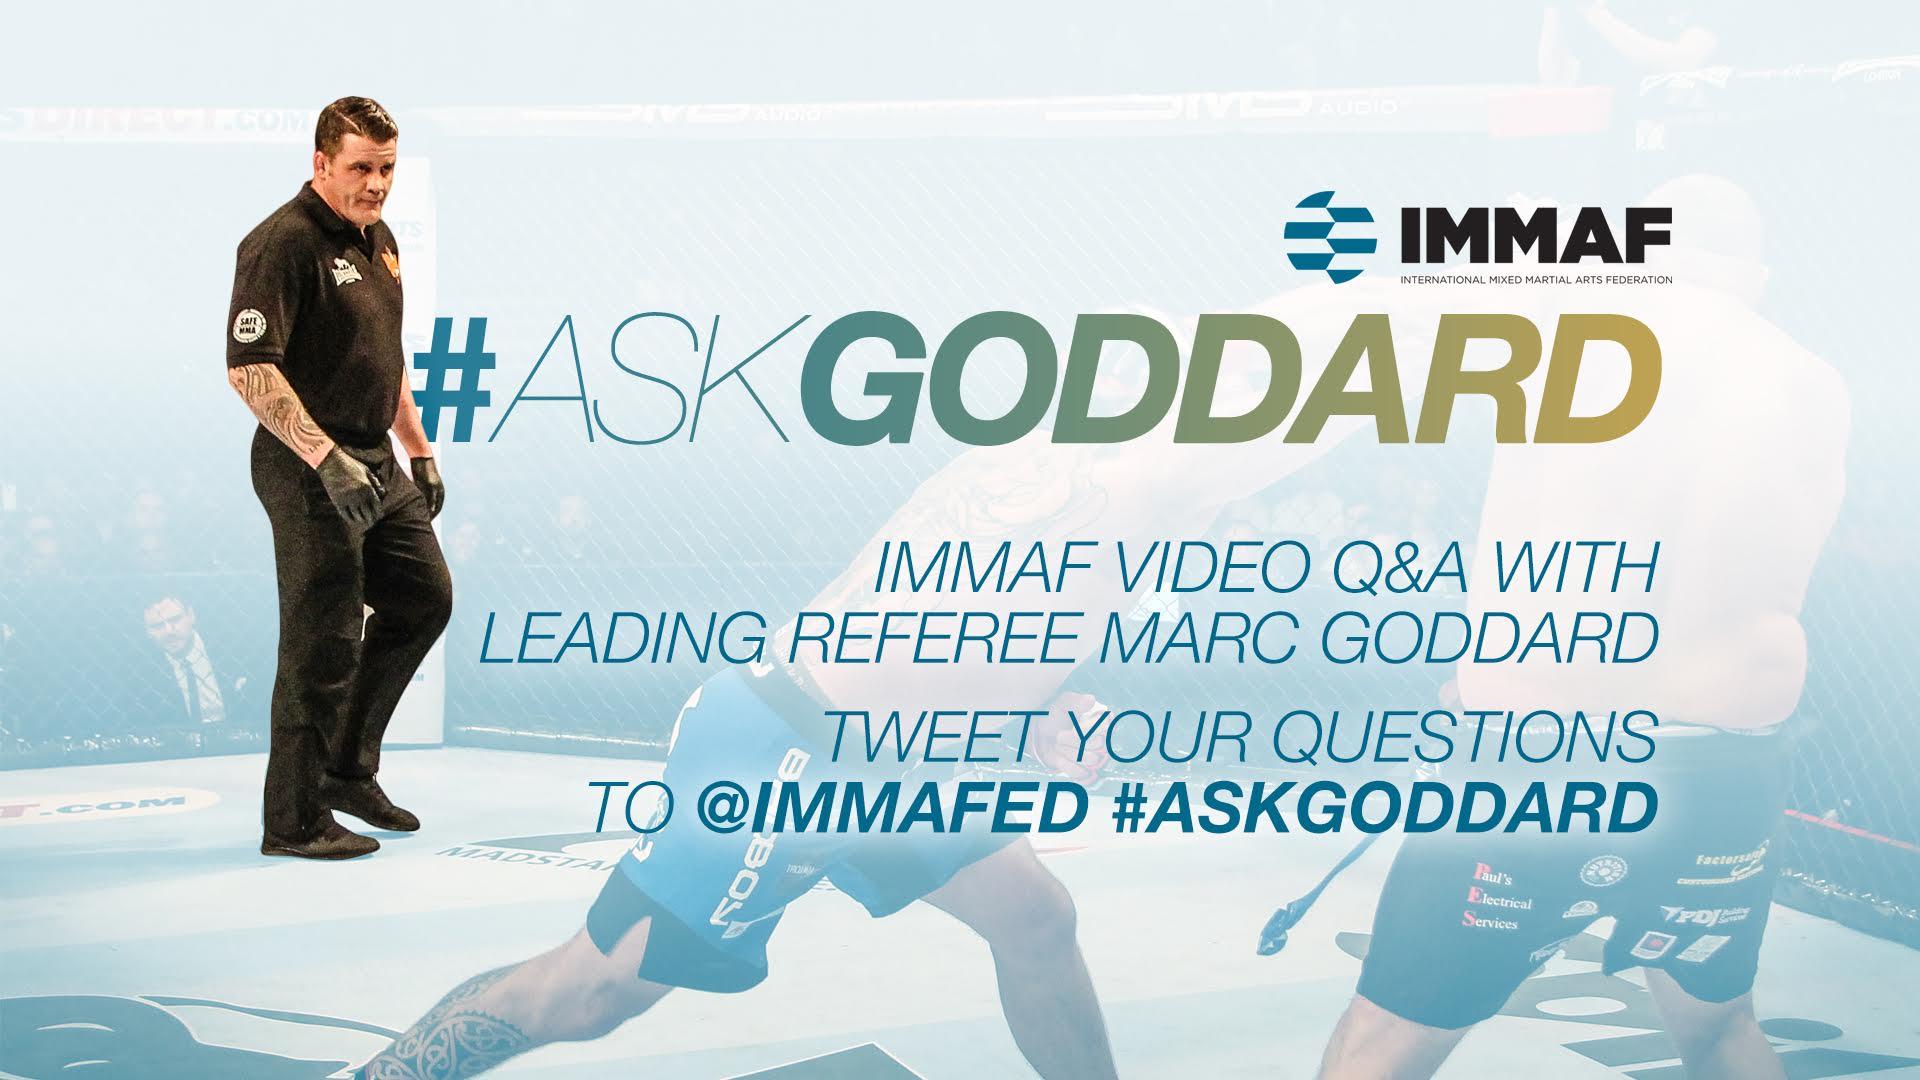 Ask Goddard